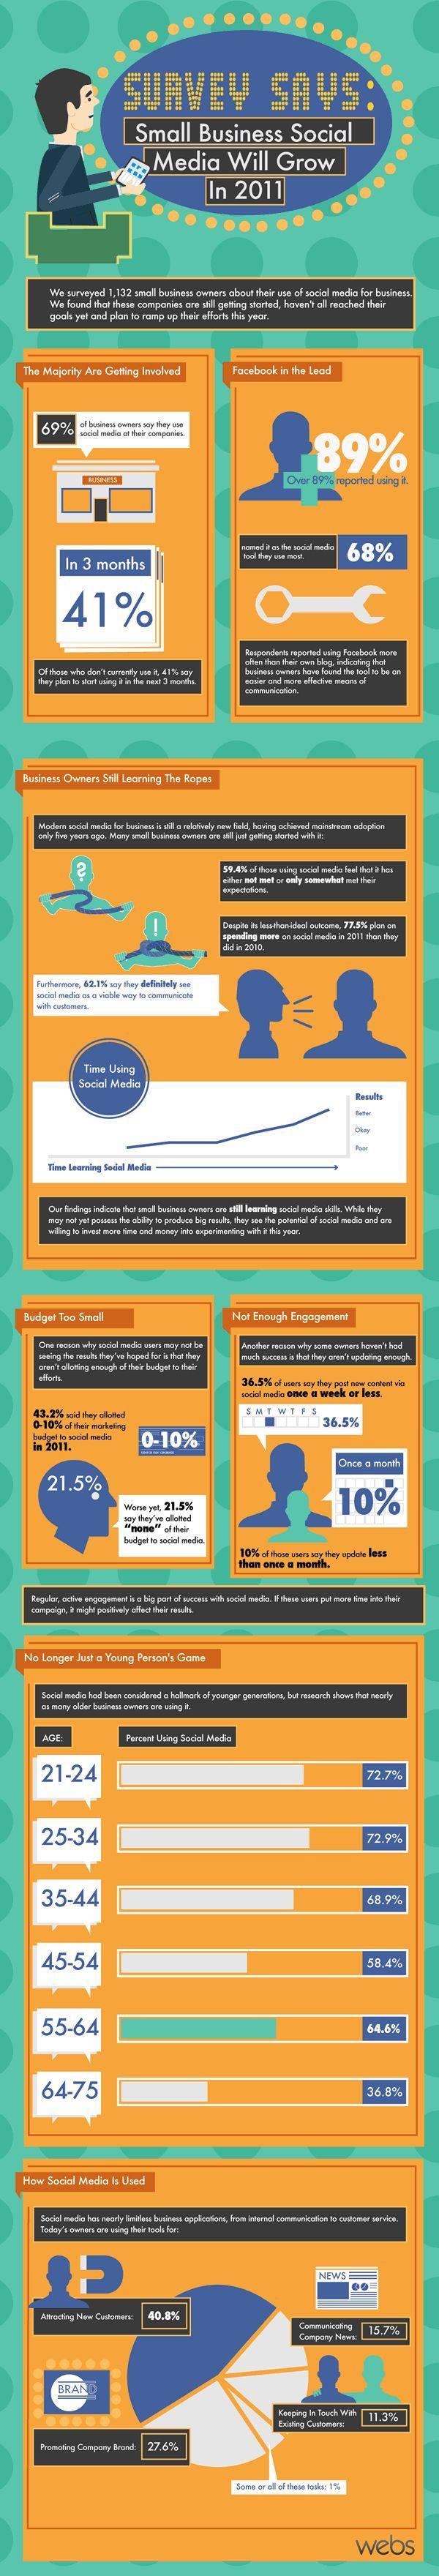 # Die Mehrheit aller Kleinunternehmen (69%) verwenden Social Media Plattformen für Unternehmenszwecke  # Das Netzwerk Facebook wird von den meisten Betrieben (89%) als Social Media Portal verwendet  # Kleinunternehmen sind in der Regel noch dabei Erfahrungswerte im Social Media Bereich zu sammeln (62,1% bewerten diesen Kanal als relevante Kommunikationsform mit Kunden)